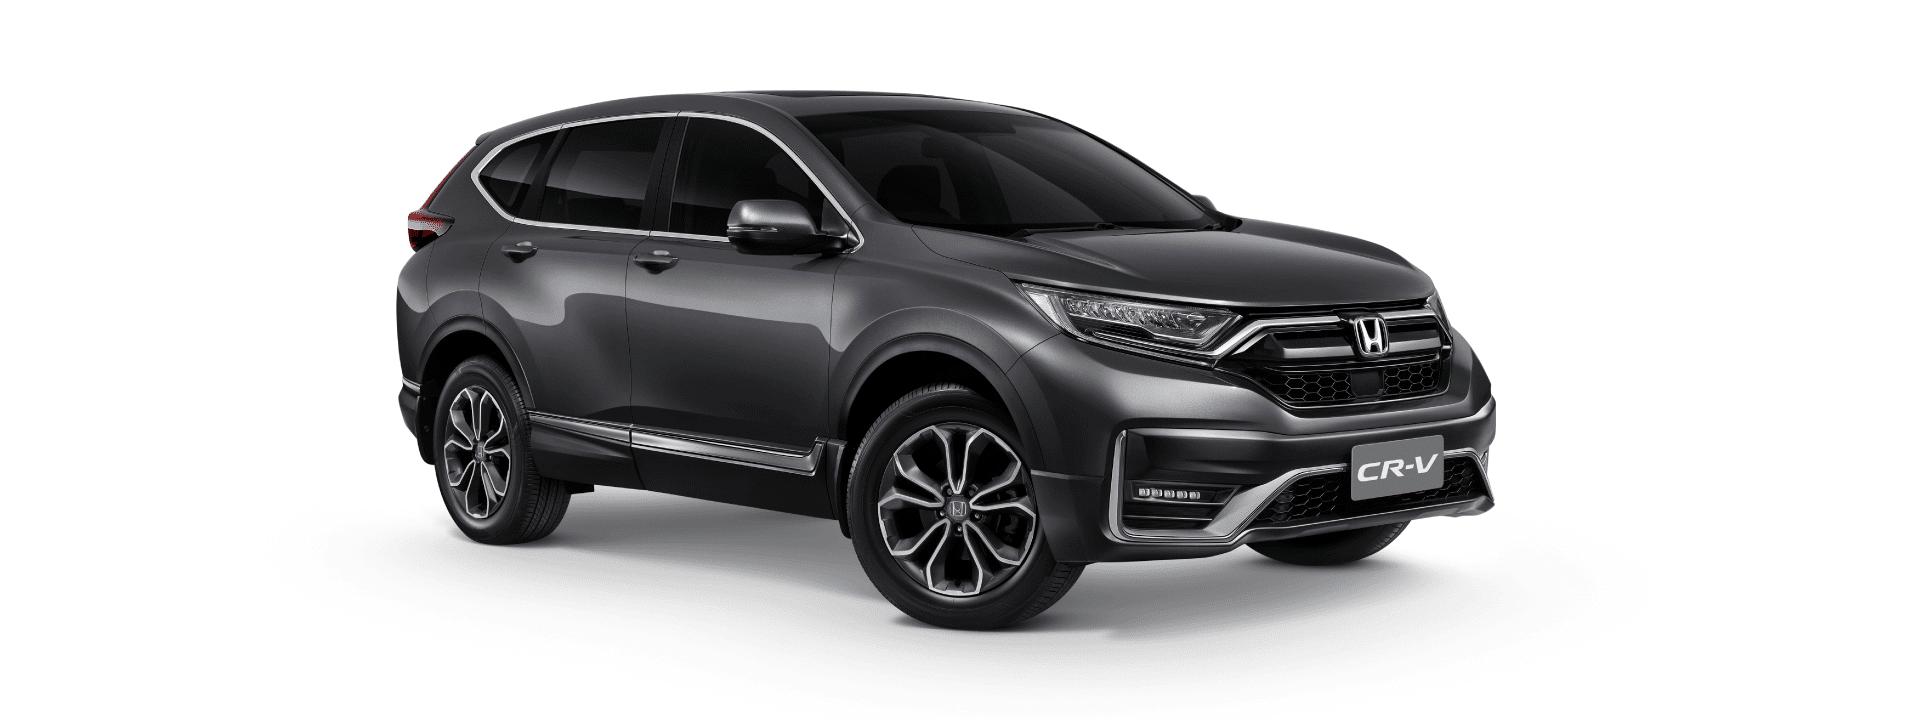 โปรโมชั่น Honda CR-V สำหรับเครื่องยนต์เบนซิน